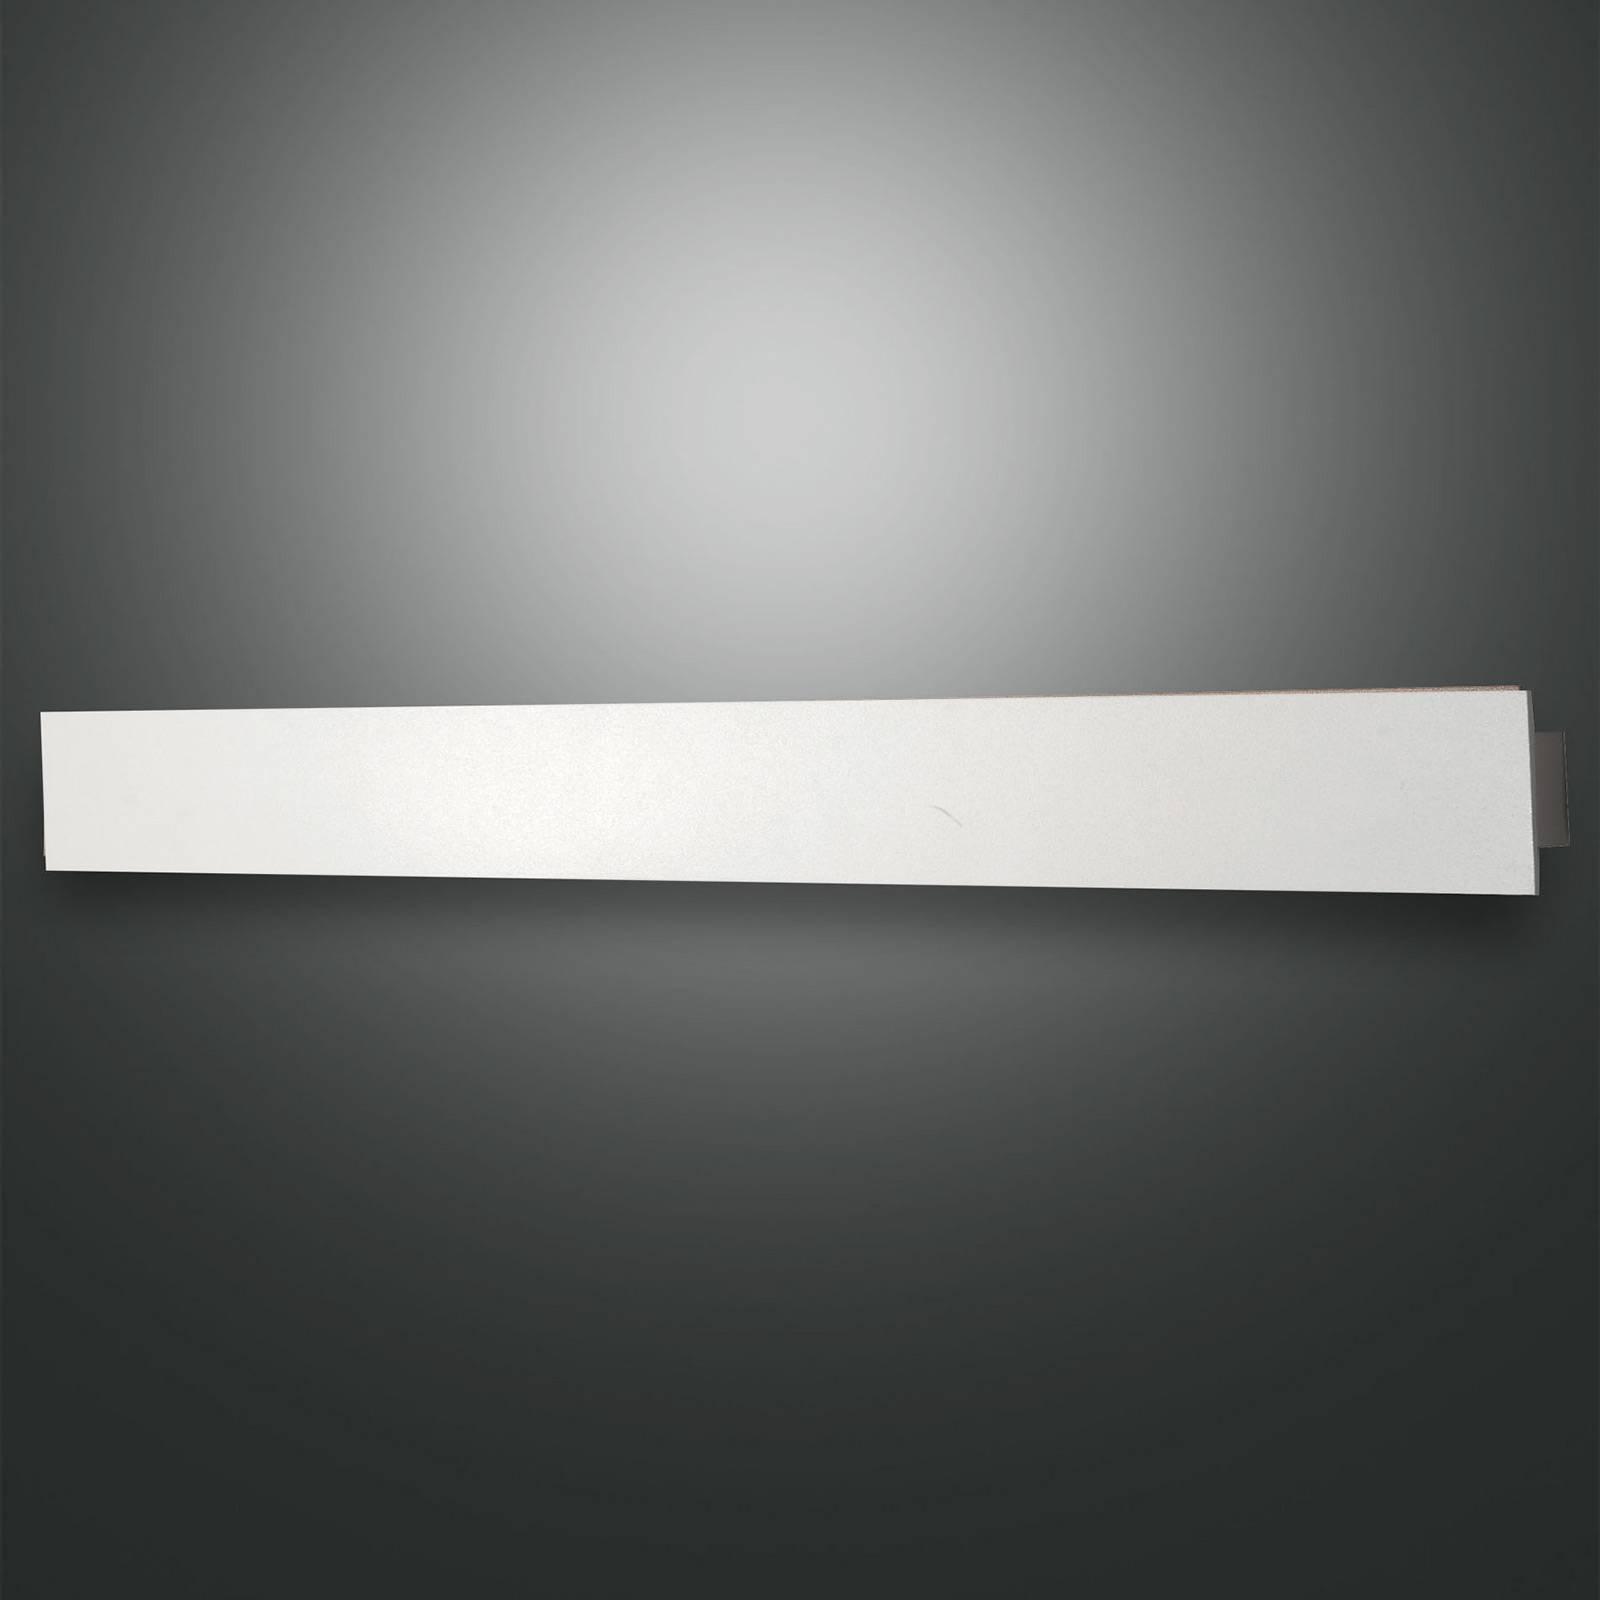 LED-vegglampe Lotus, hvit, 93 cm lang